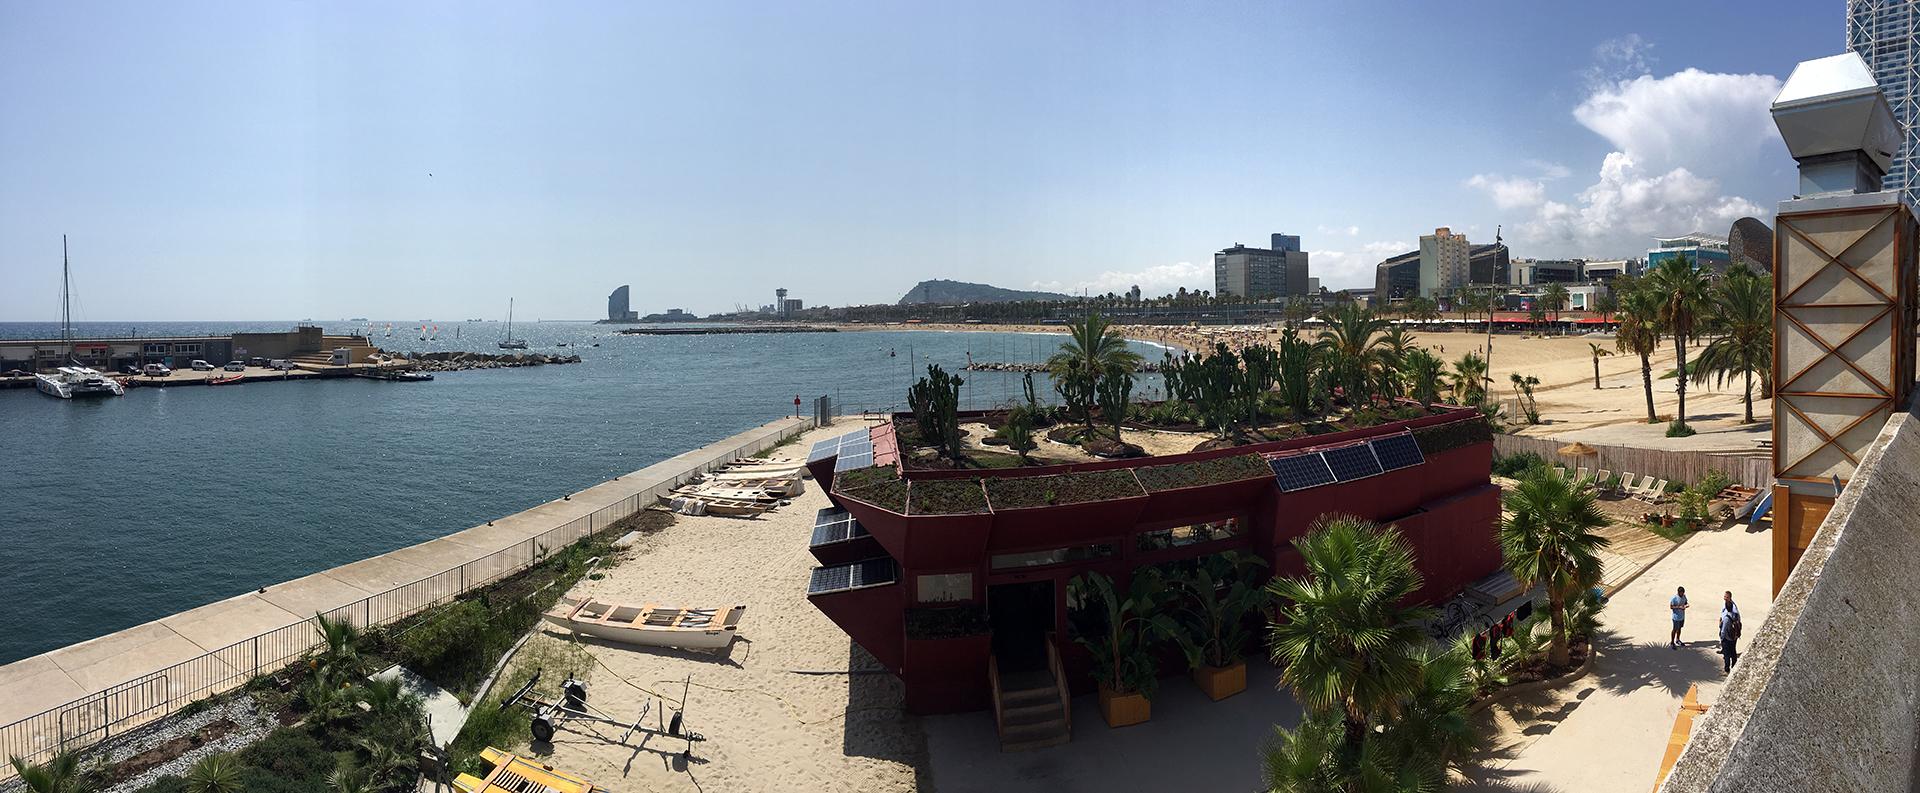 Barceloneta Beach.